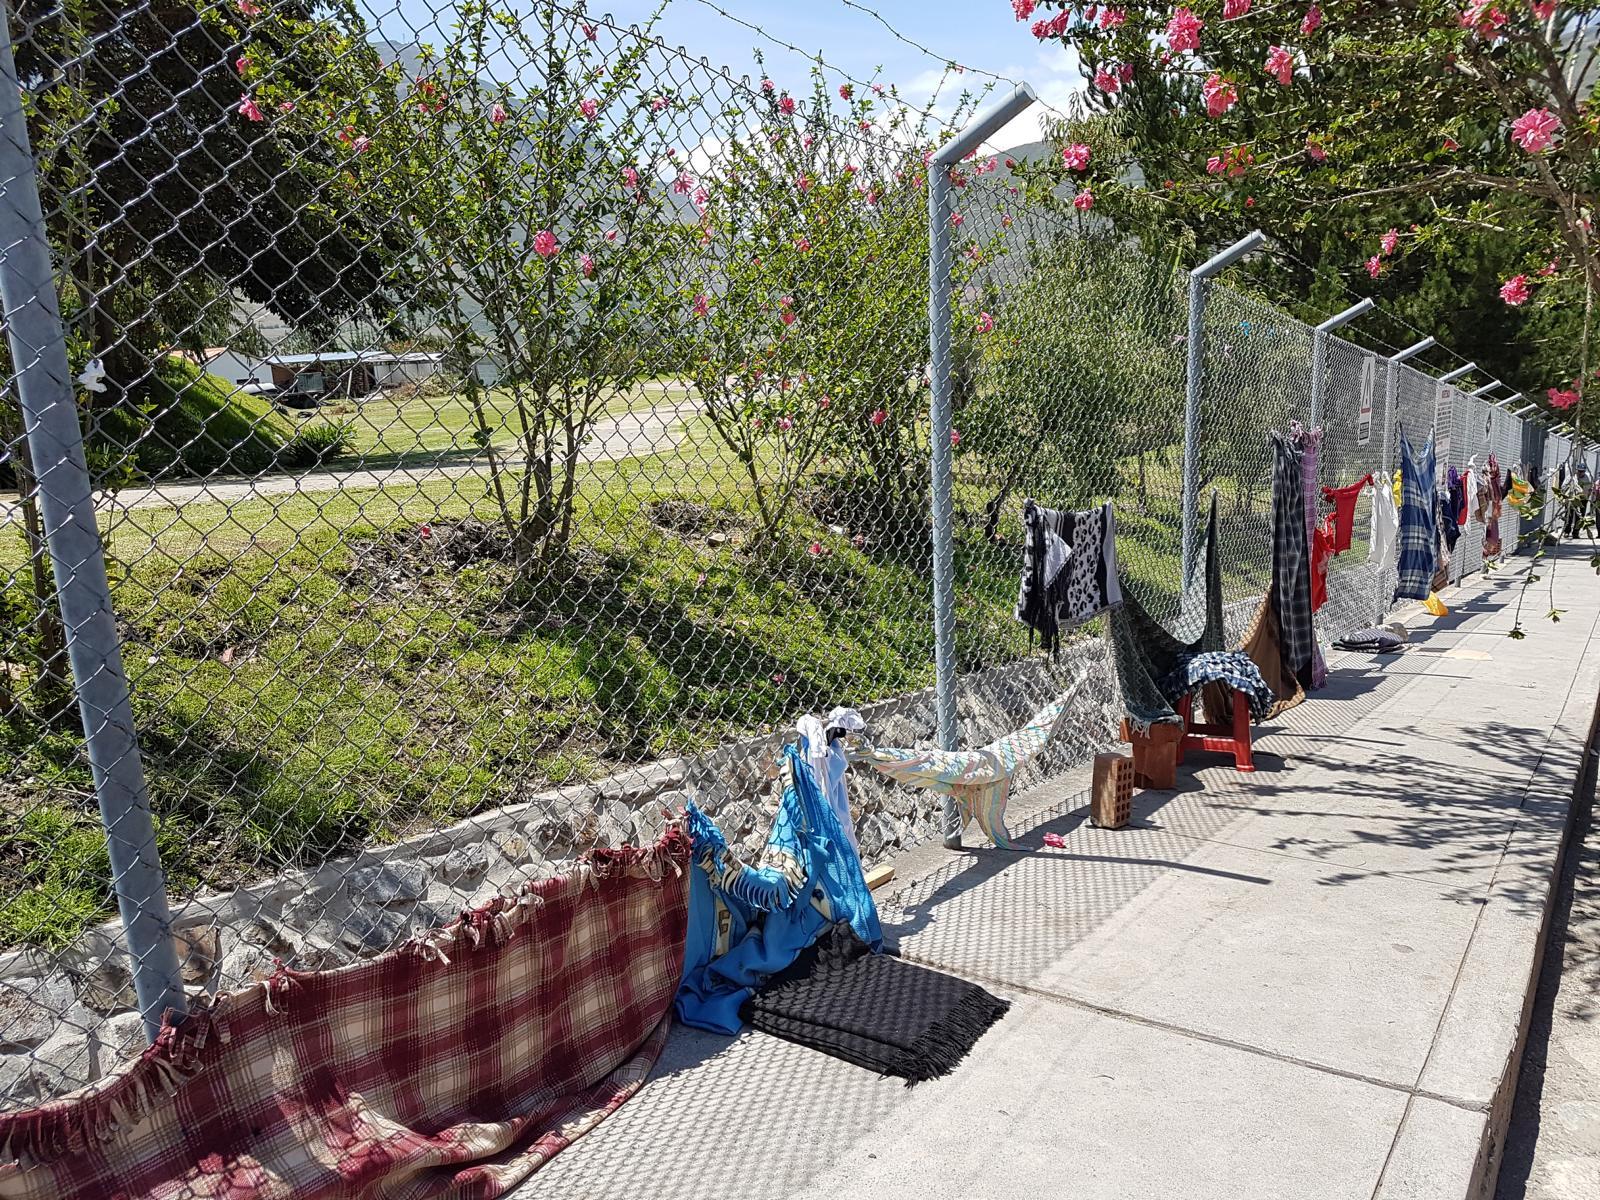 Hier wird sich in der Hitze der Platz in der Warteschlange für das Krankenhaus Diospi Suyana mit Decken und Kleidung gesichert.